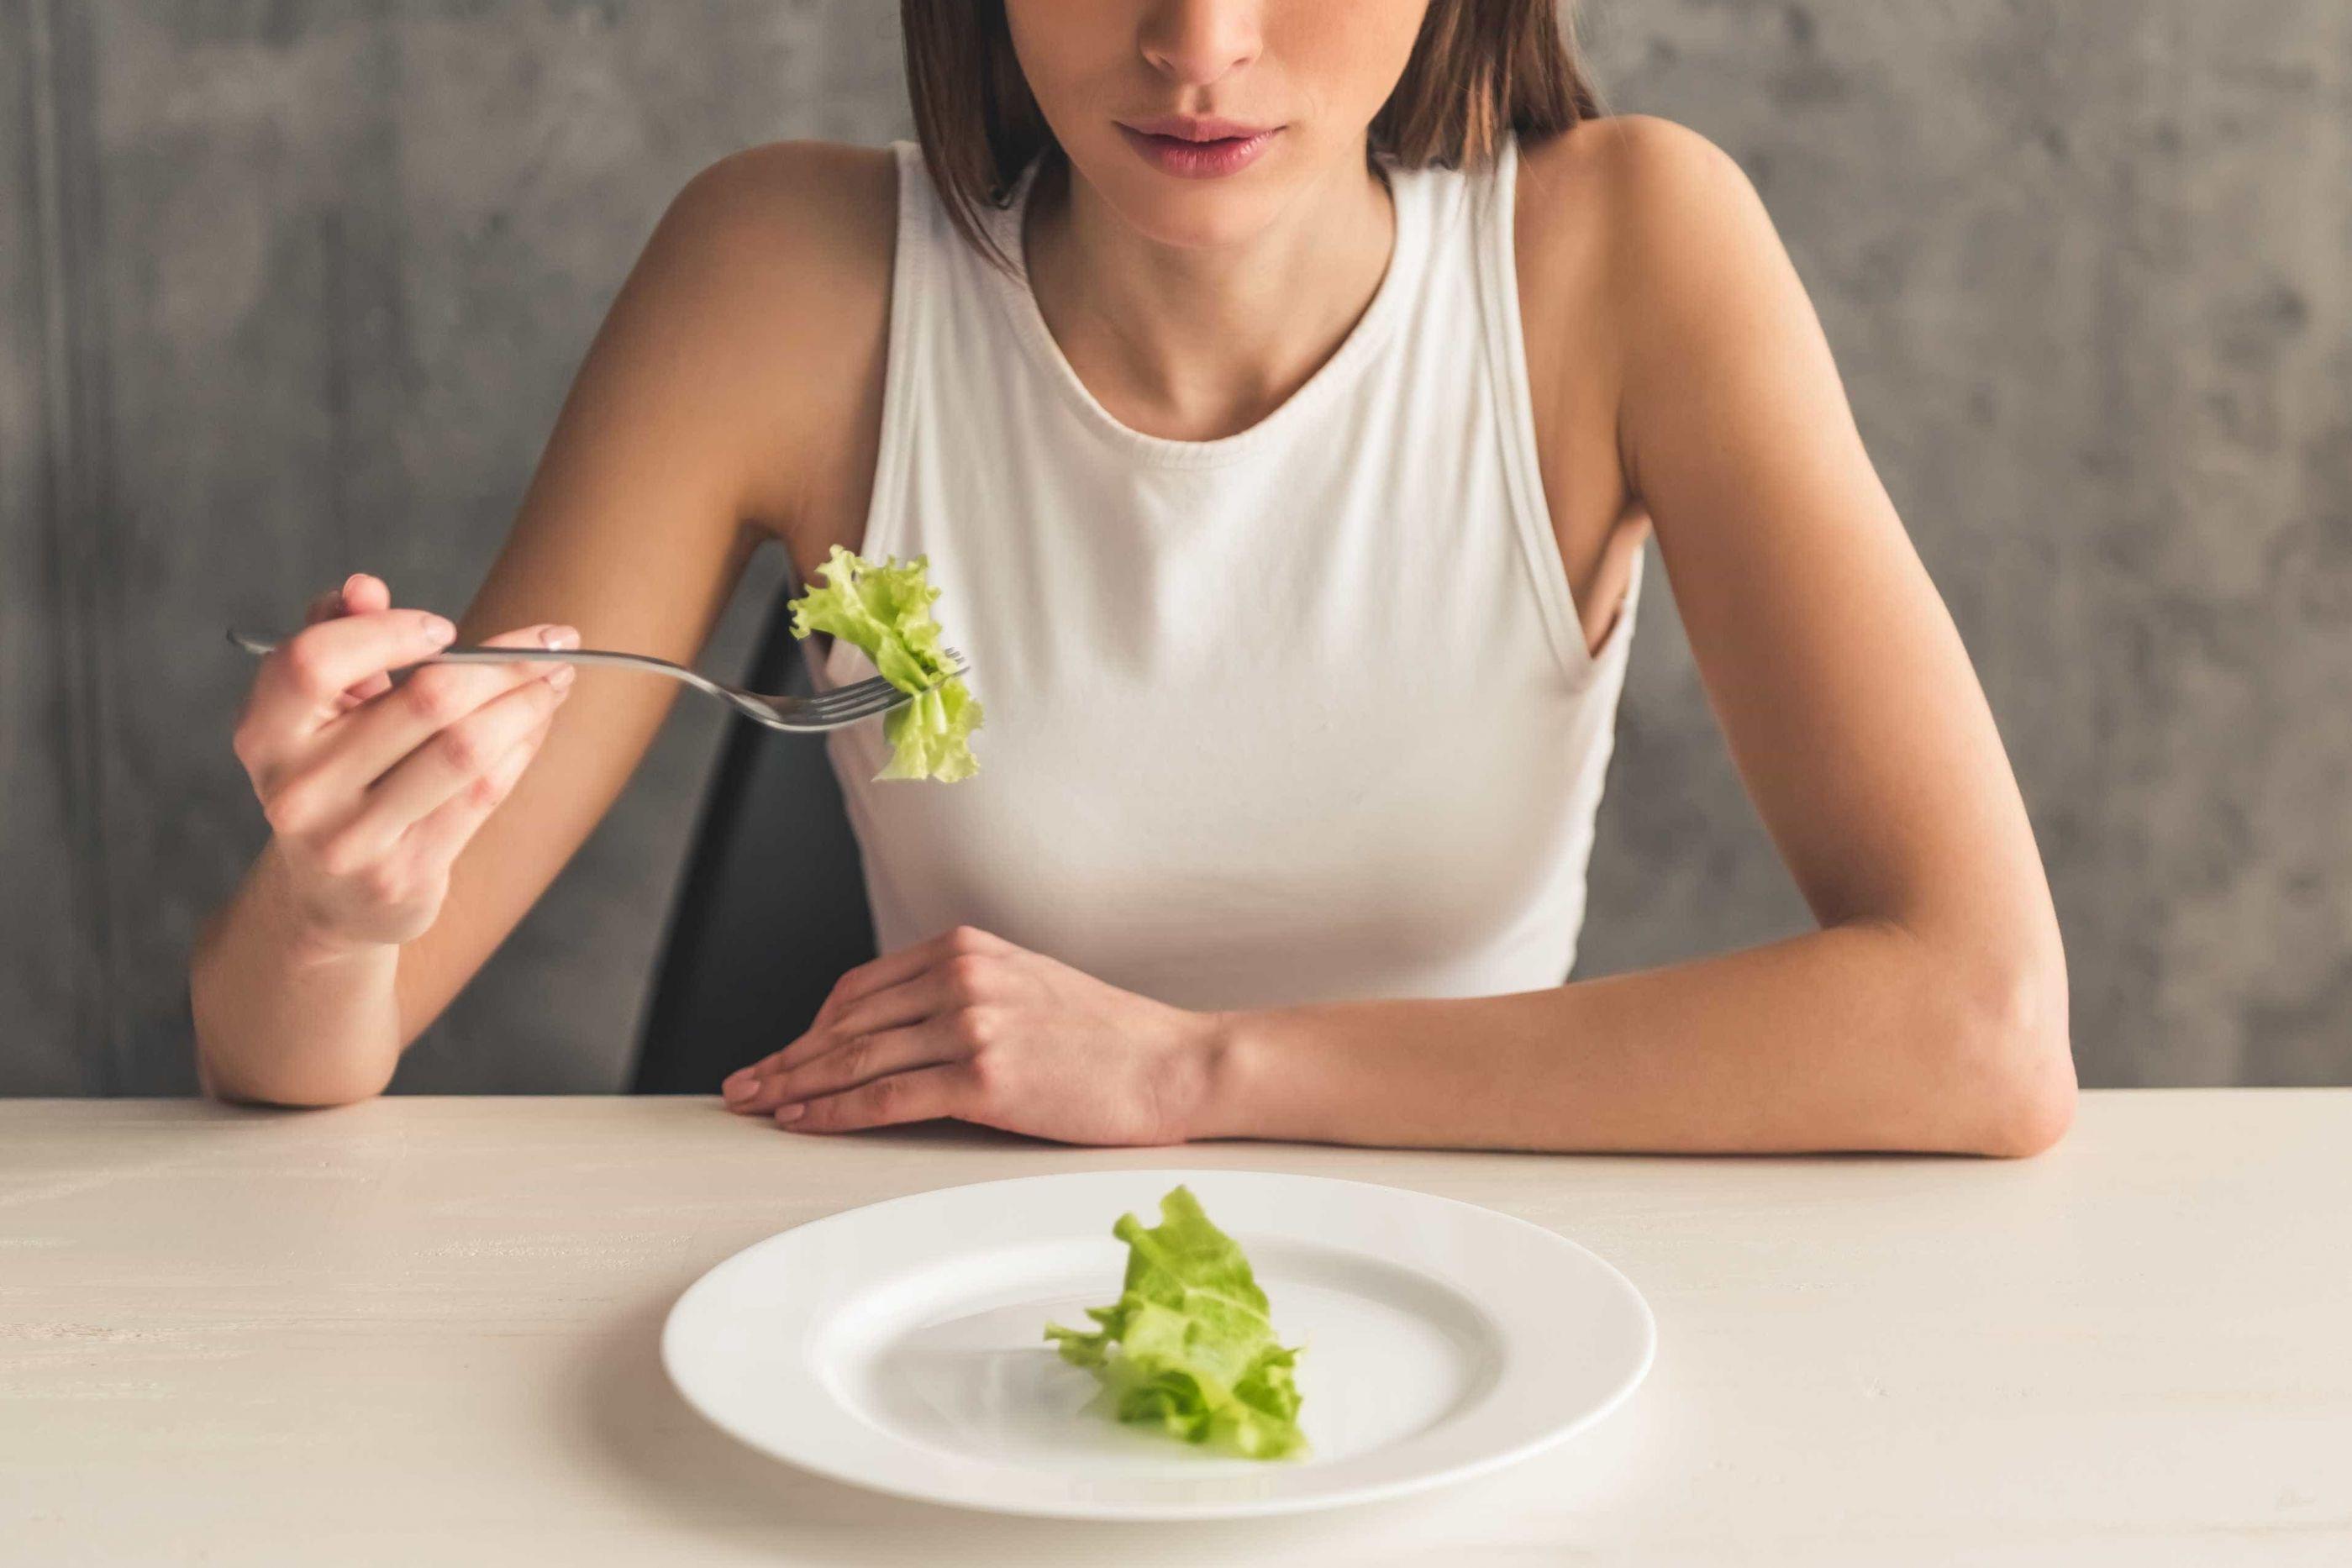 Não vai almoçar? Entenda o que saltar uma refeição faz ao seu corpo